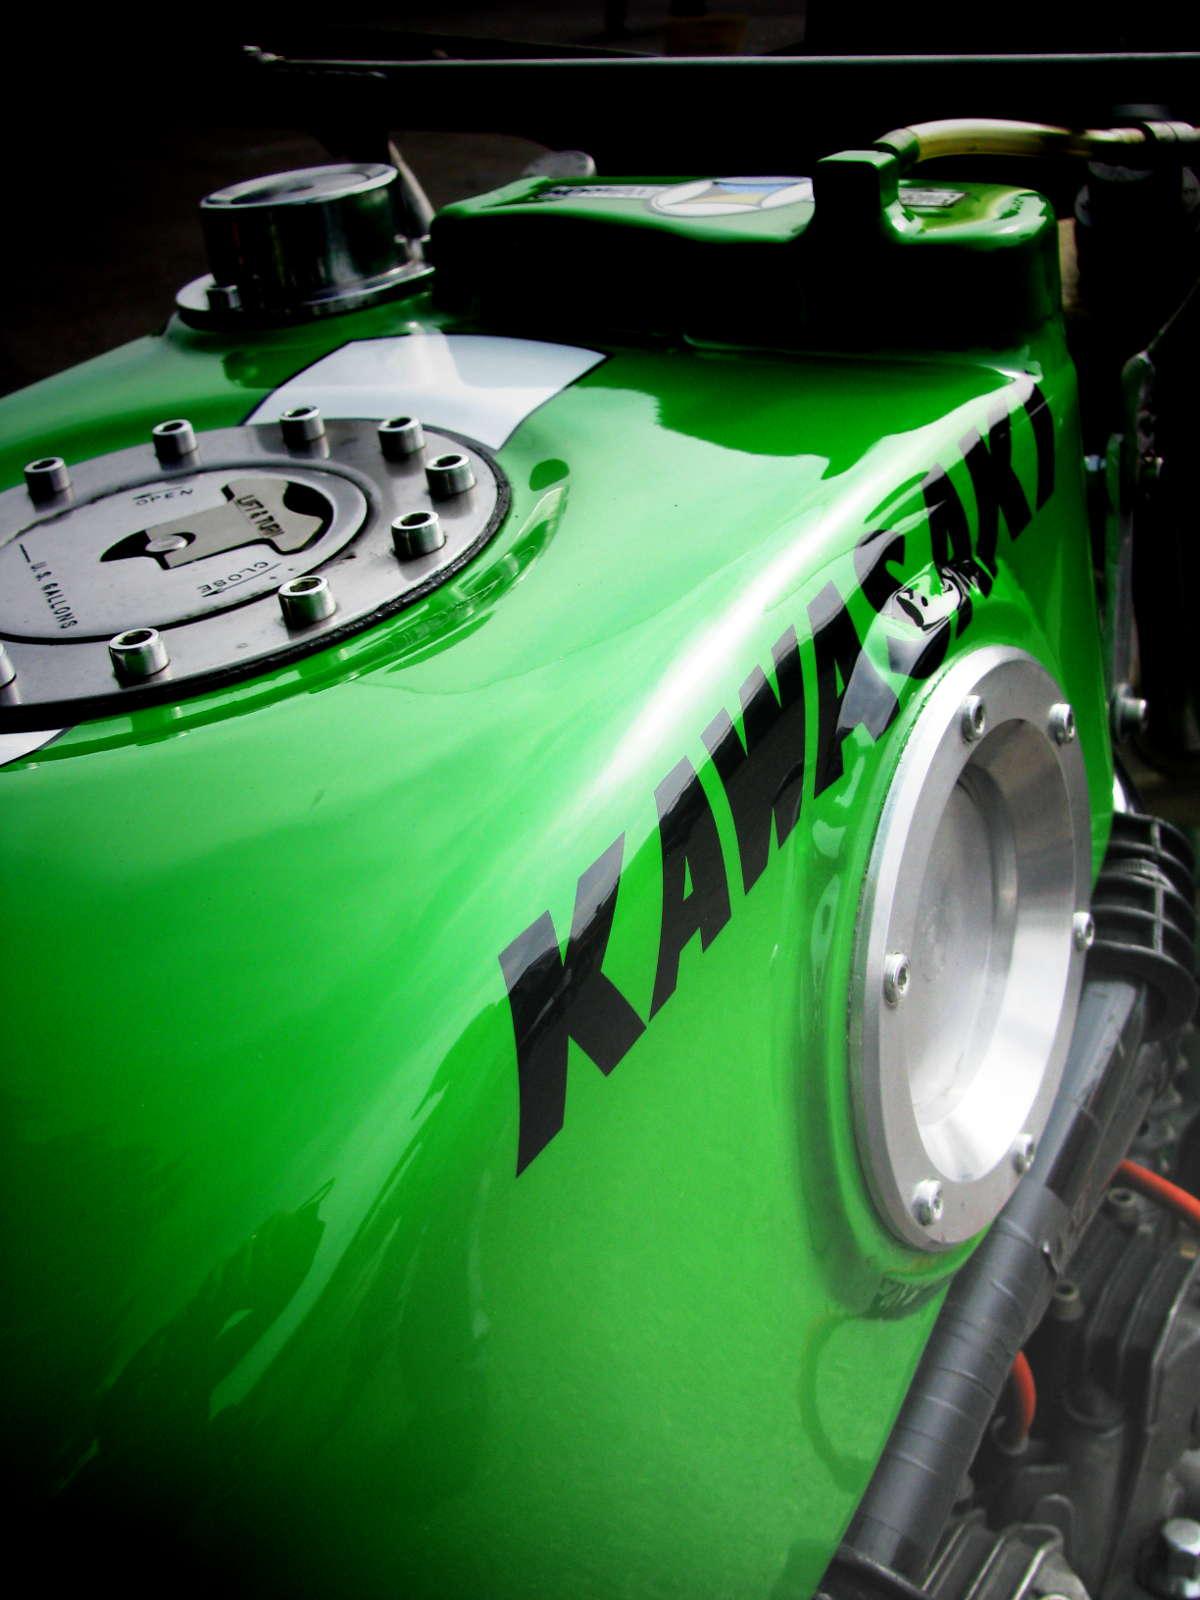 Qu'est ce que c'est comme moto? - Page 2 IMG_7124